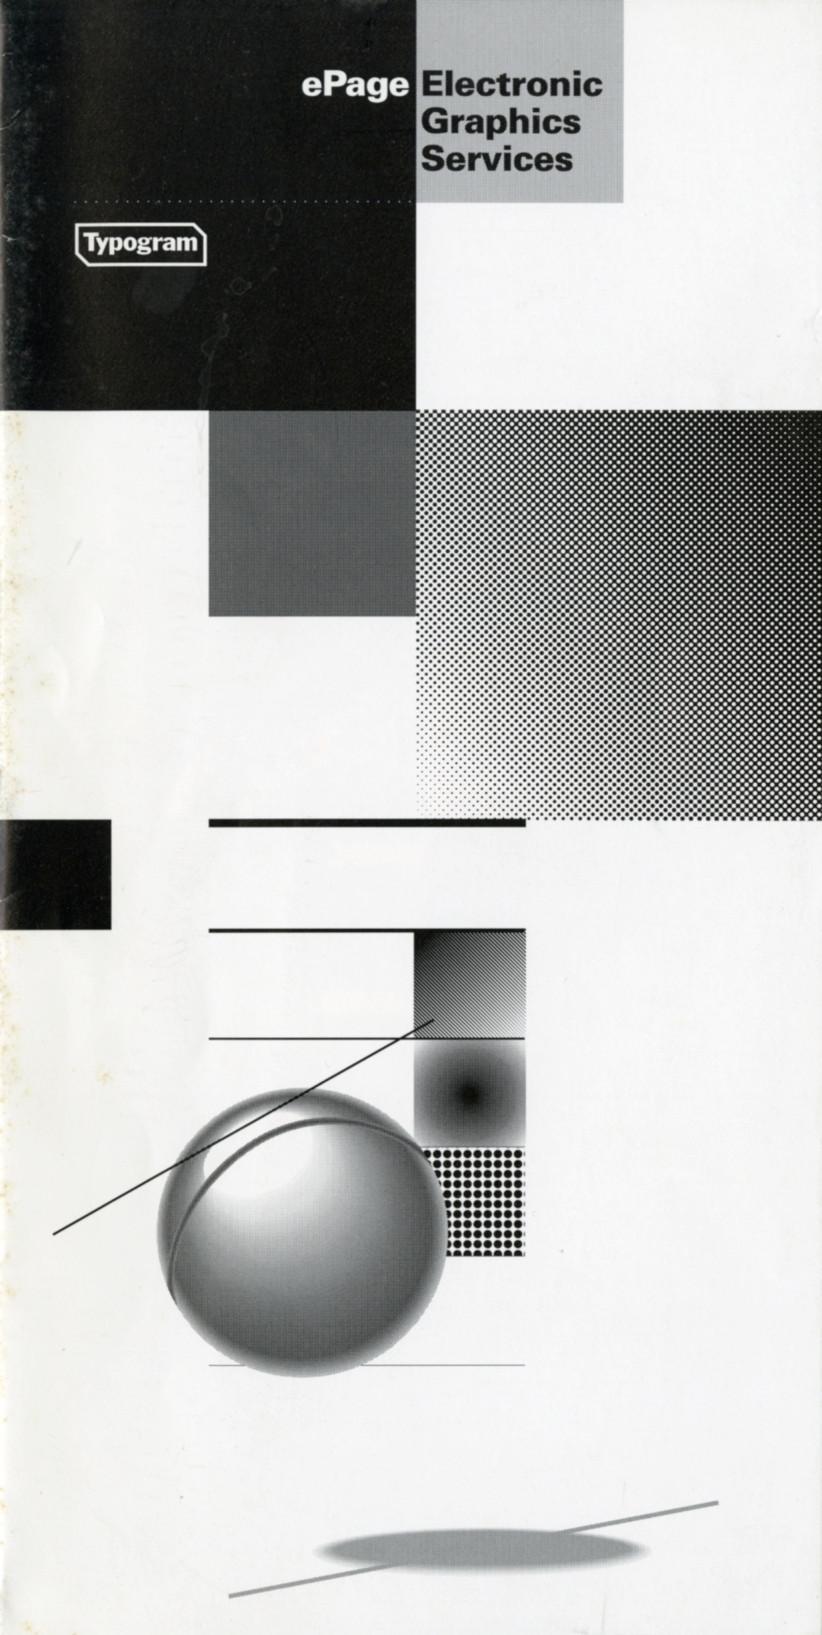 nsbz014